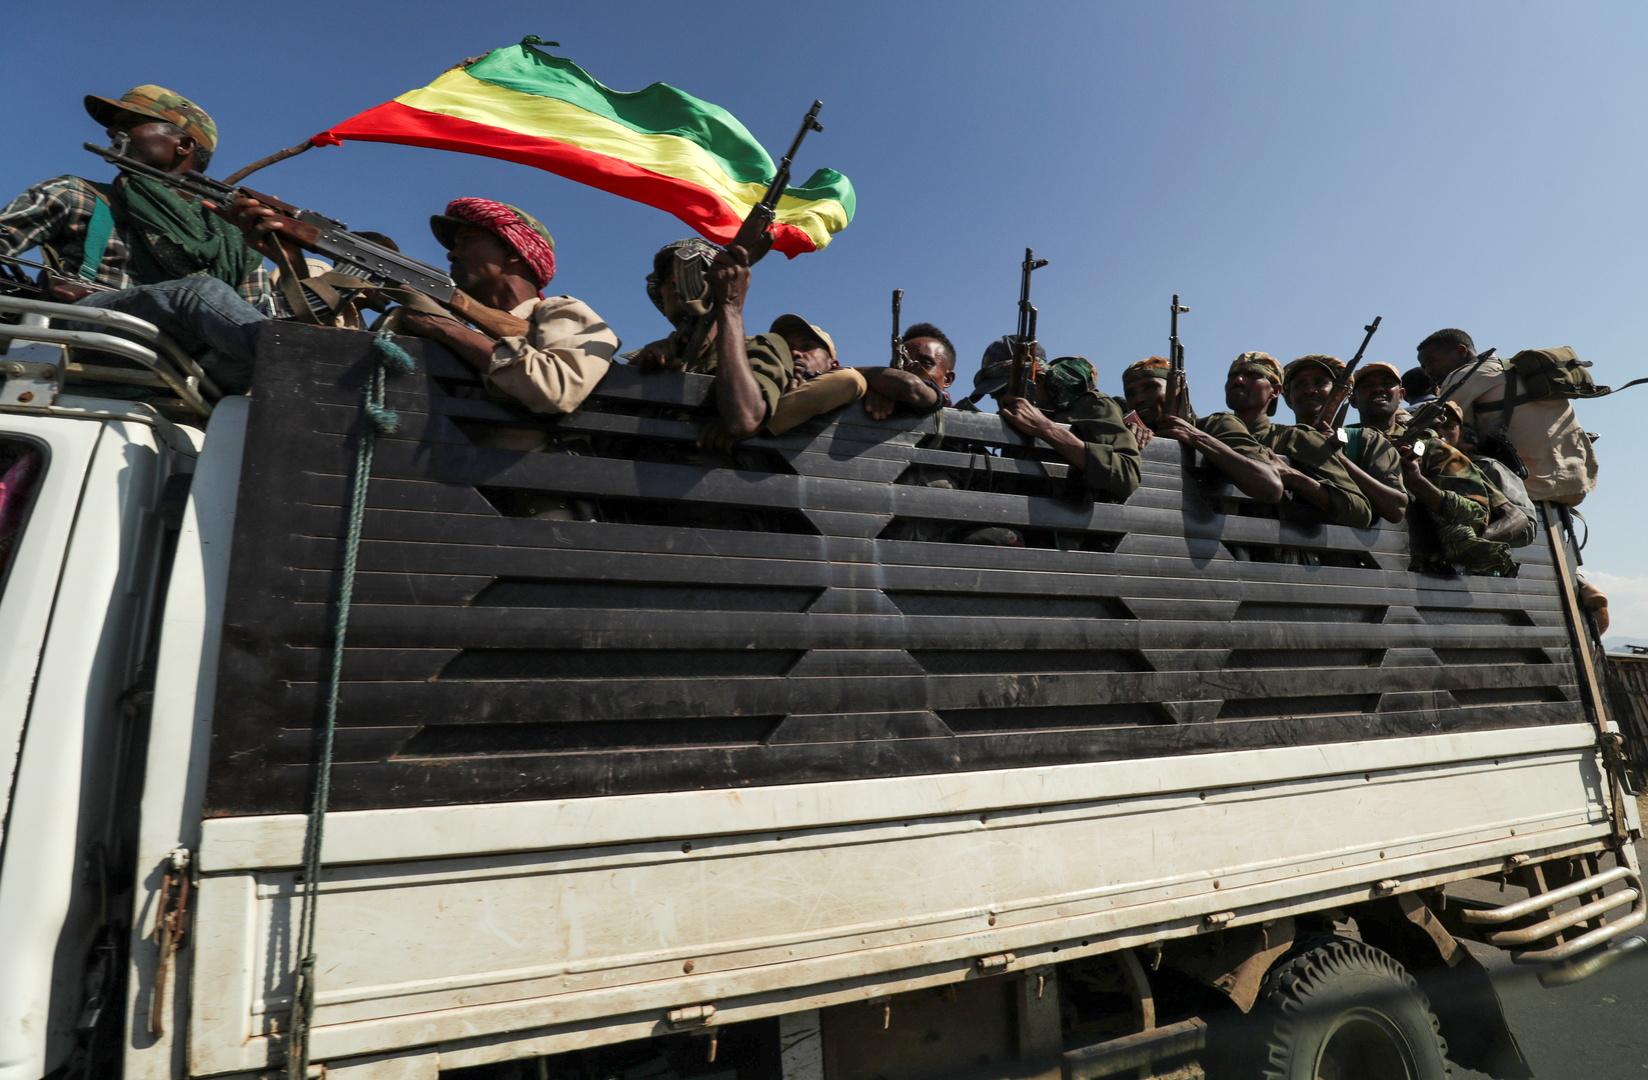 الصومال تتراجع عن تصريح بشأن الحرب في إثيوبيا